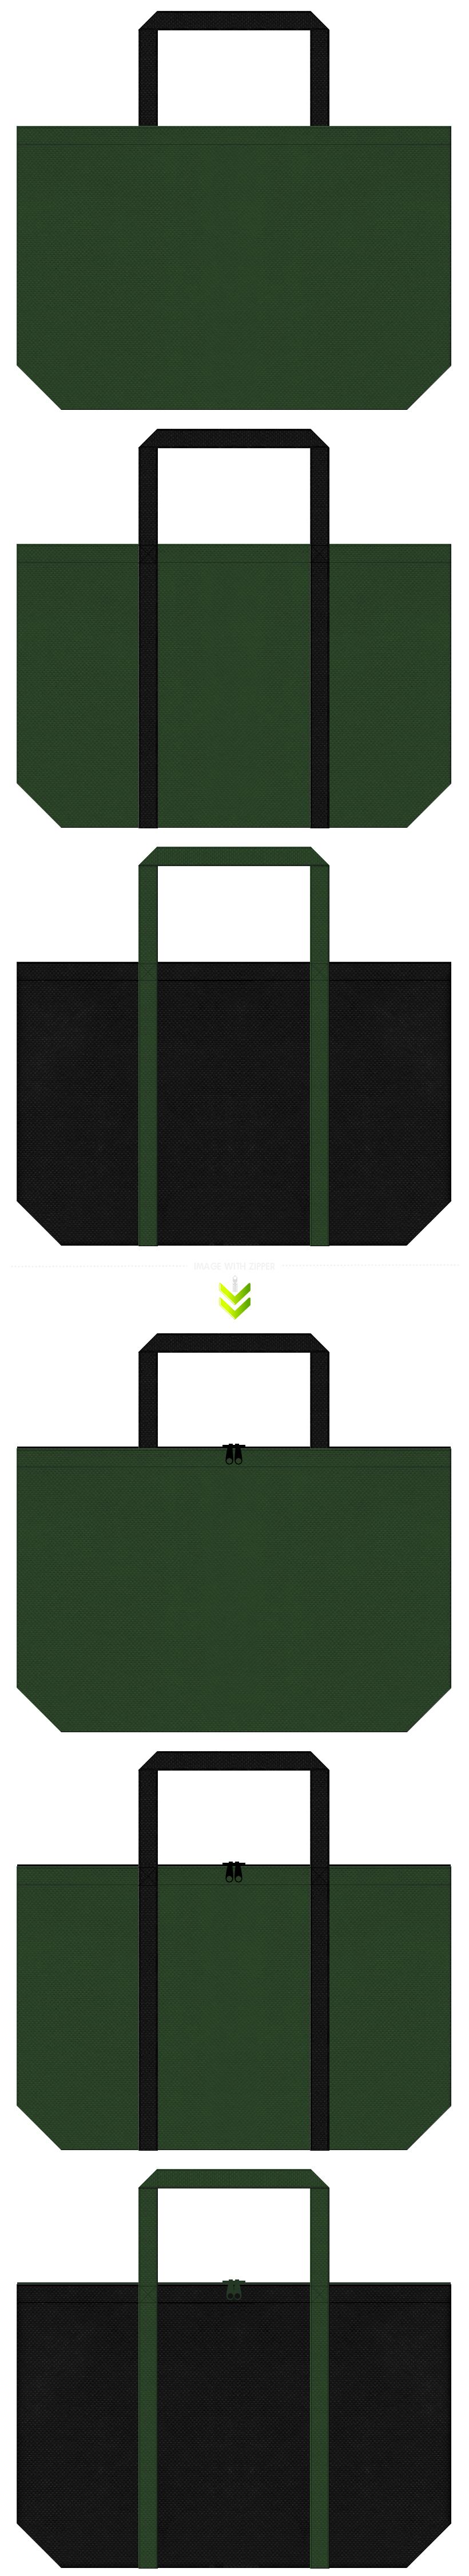 濃緑色と黒色の不織布エコバッグのデザイン。黒色メインで忍者イベントにも。